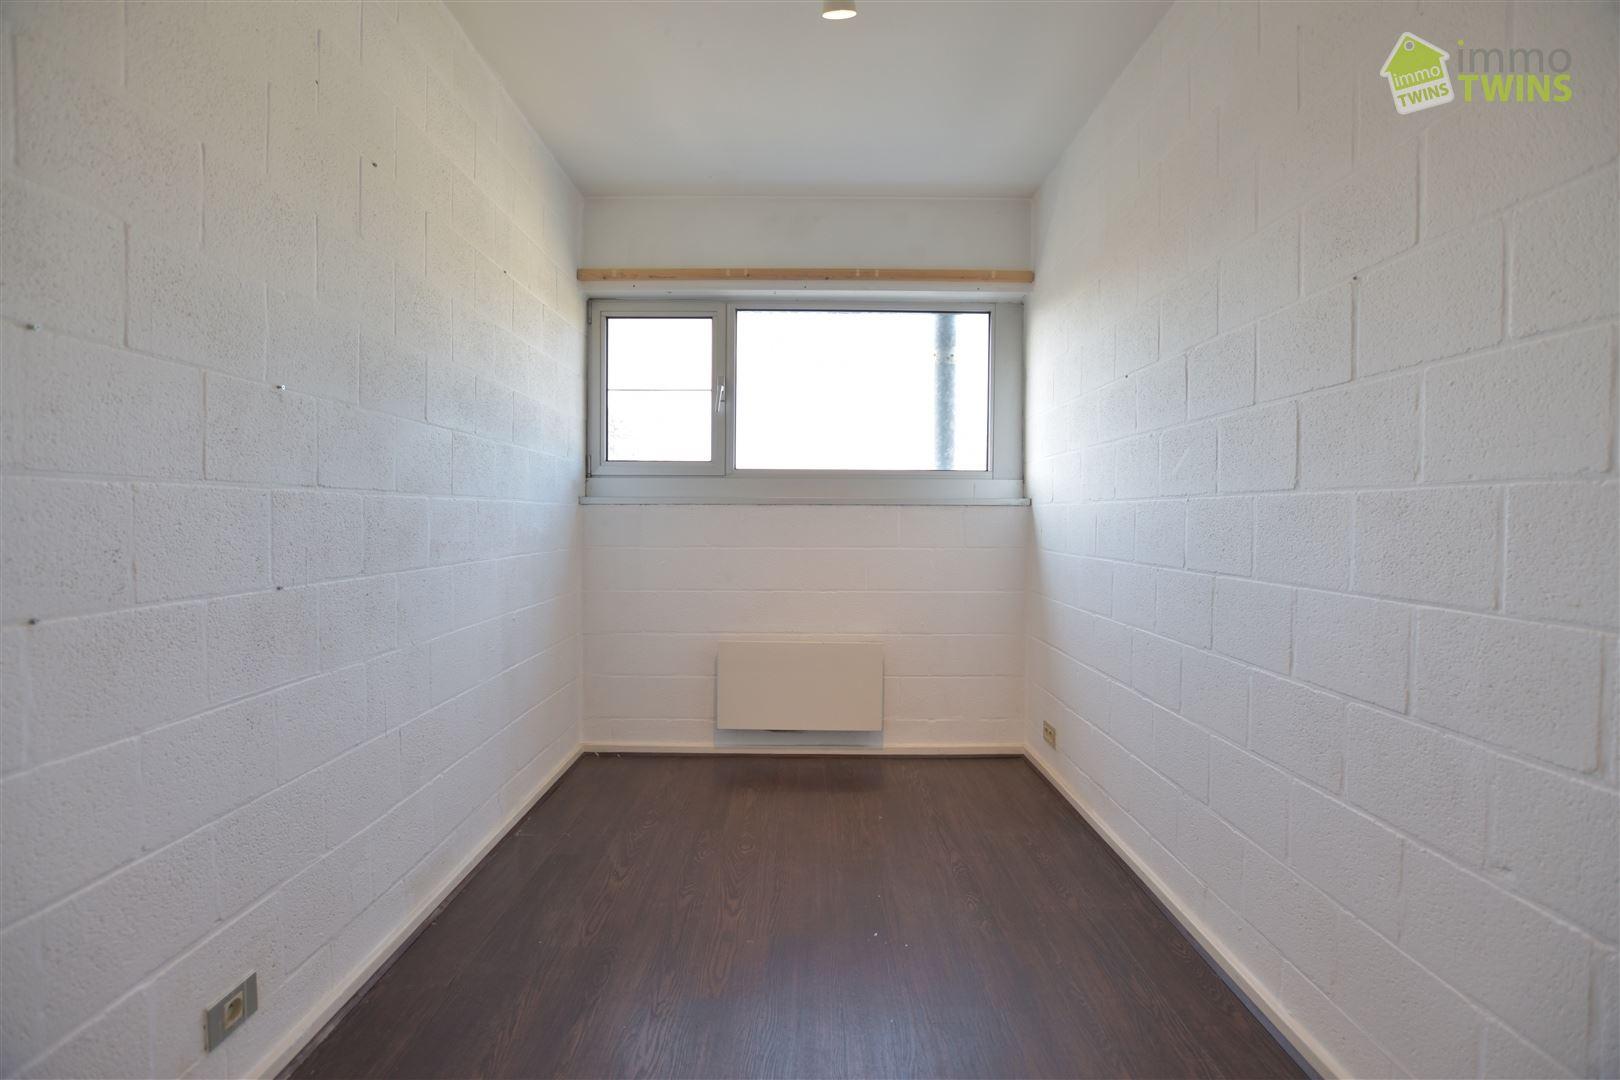 Foto 15 : Duplex/triplex te 9280 LEBBEKE (België) - Prijs € 257.000